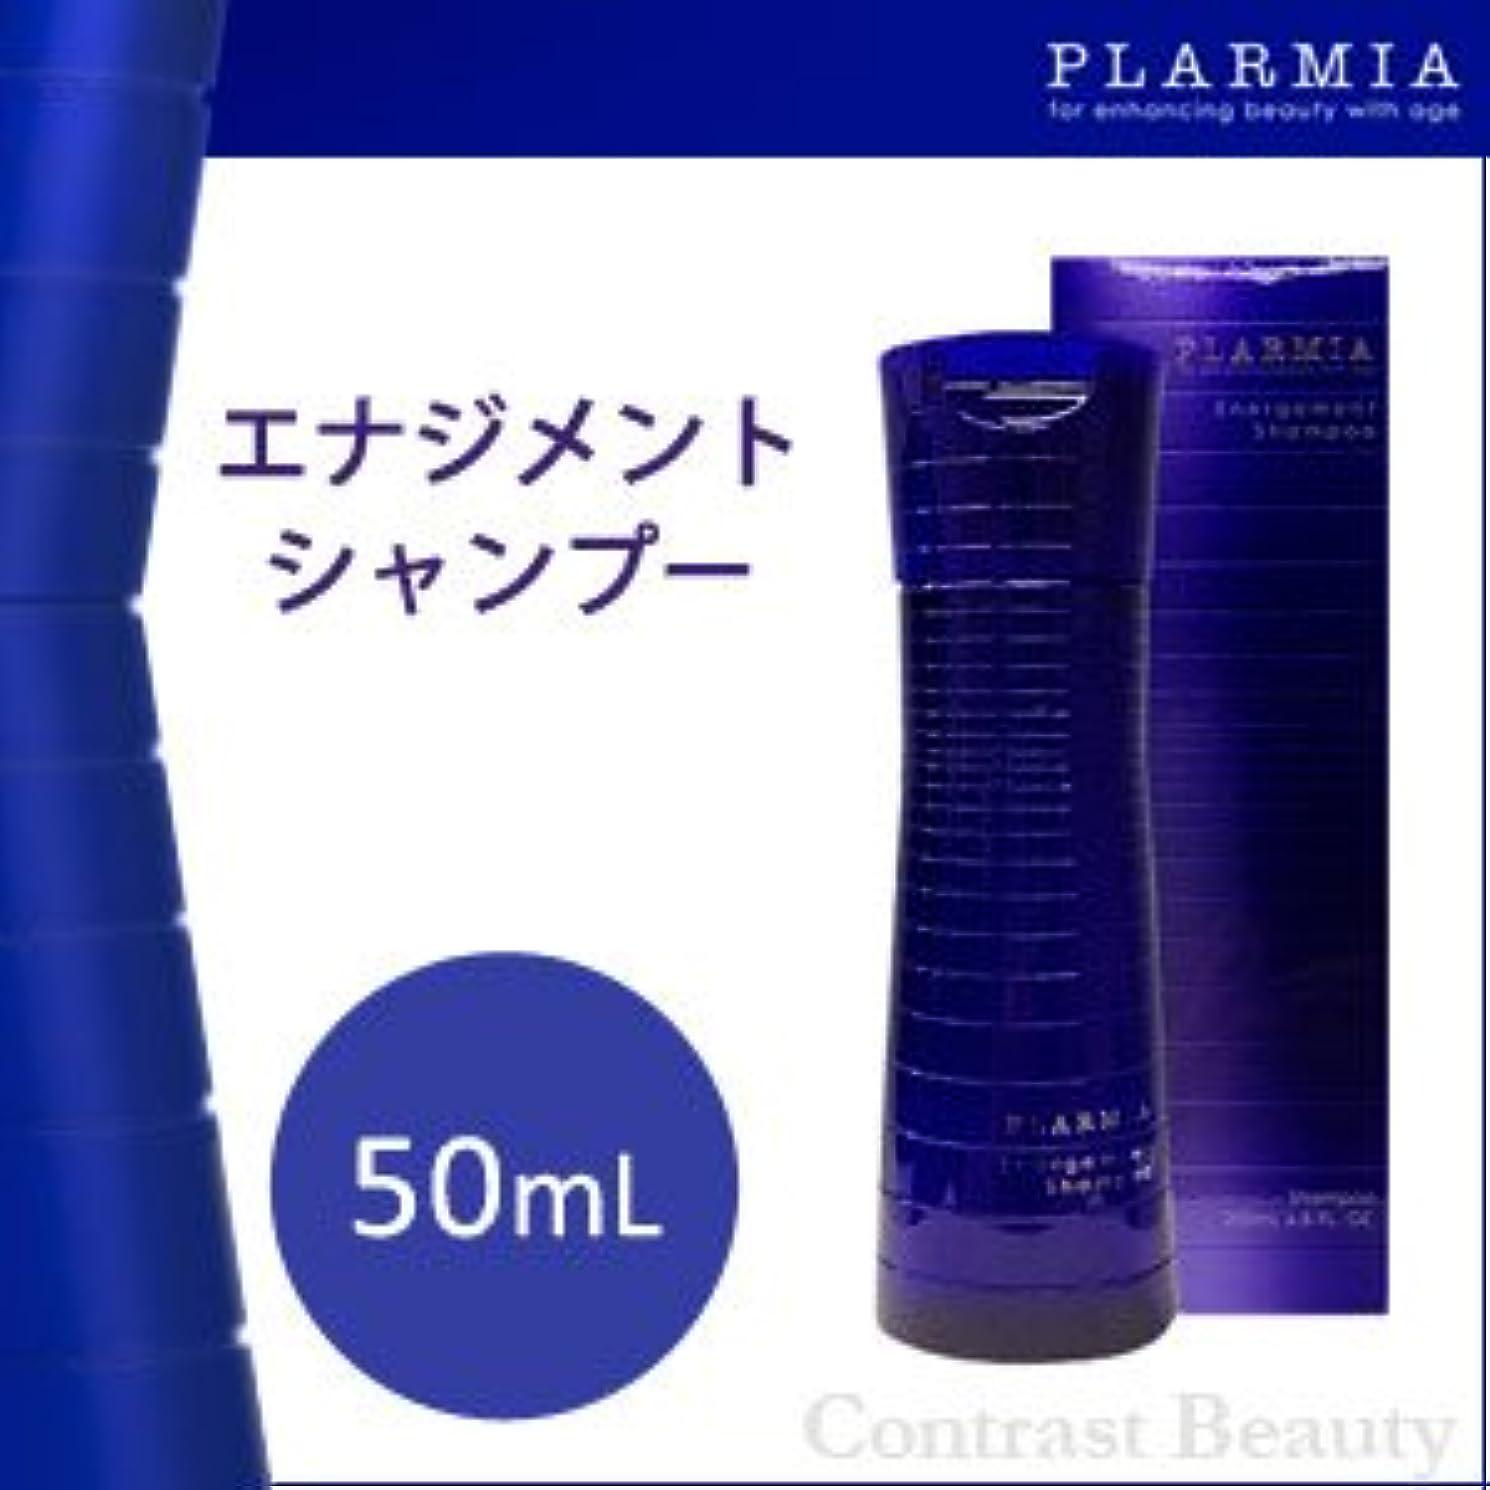 カテナループ容疑者【x2個セット】 ミルボン プラーミア エナジメントシャンプー 50ml